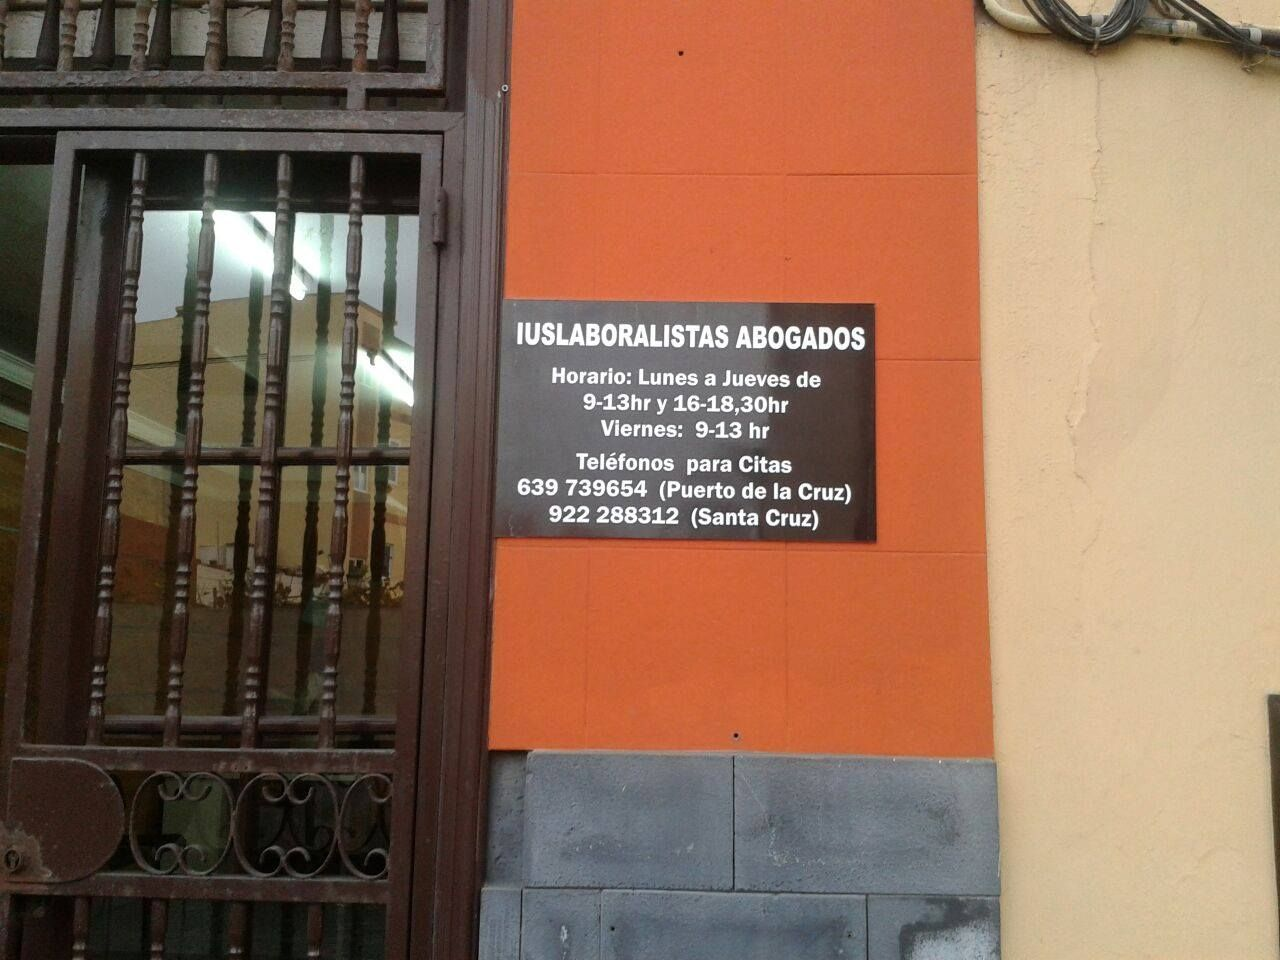 Foto 1 de Abogados en Santa Cruz de Tenerife | Iuslaboralistas Abogados